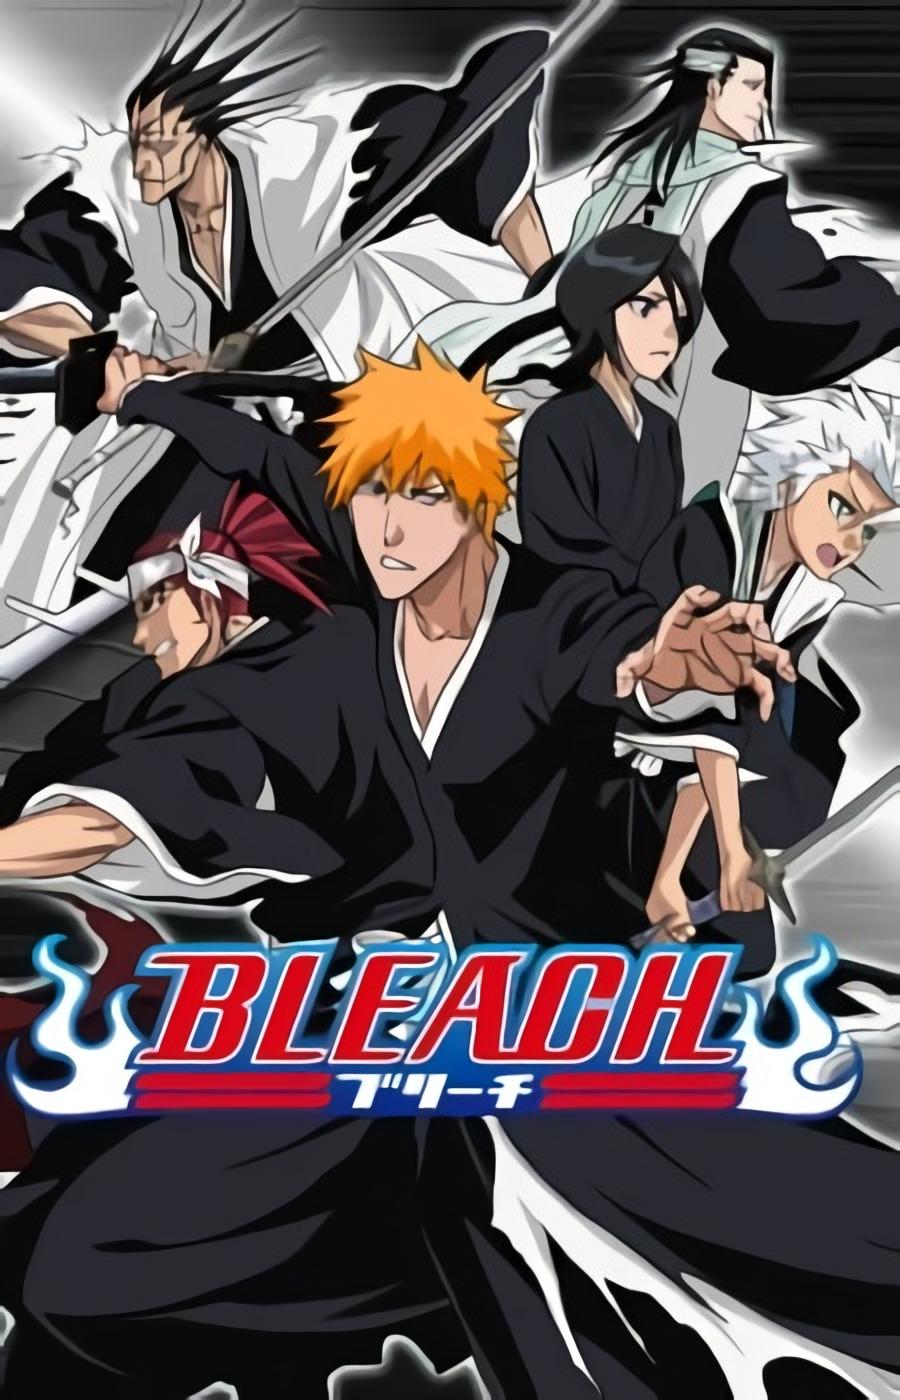 Bleach Batch Subtitle Indonesia